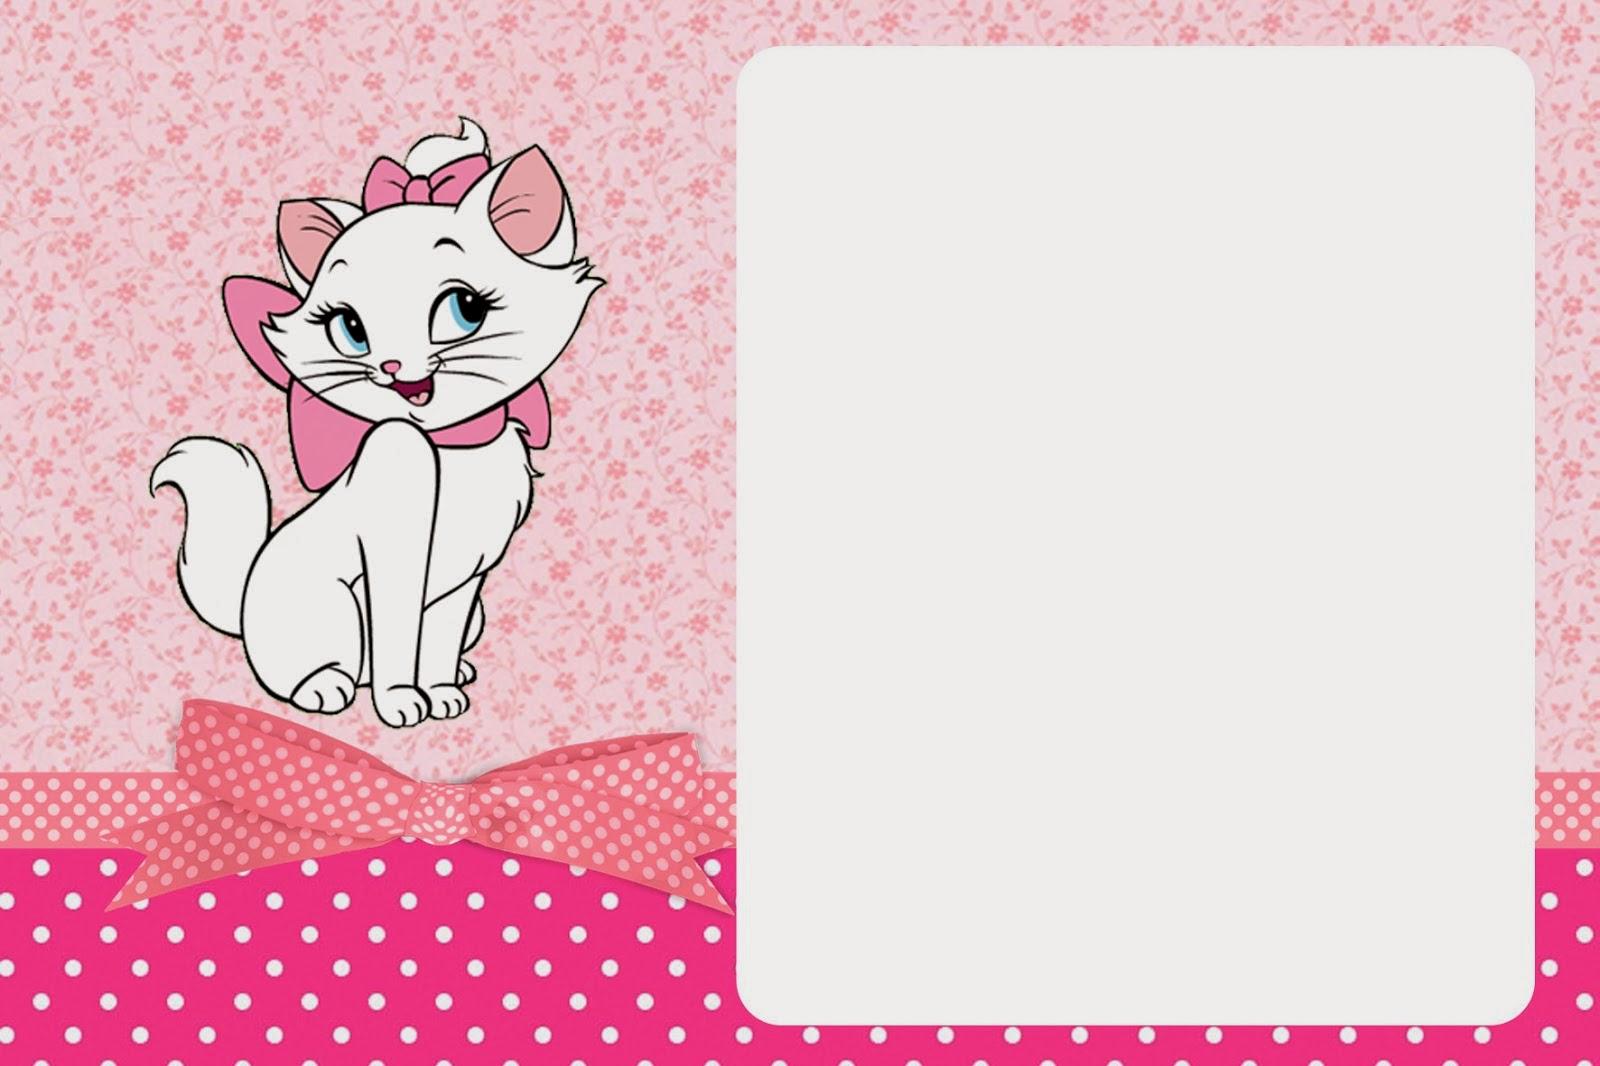 کانال تلگرام عکس گربه